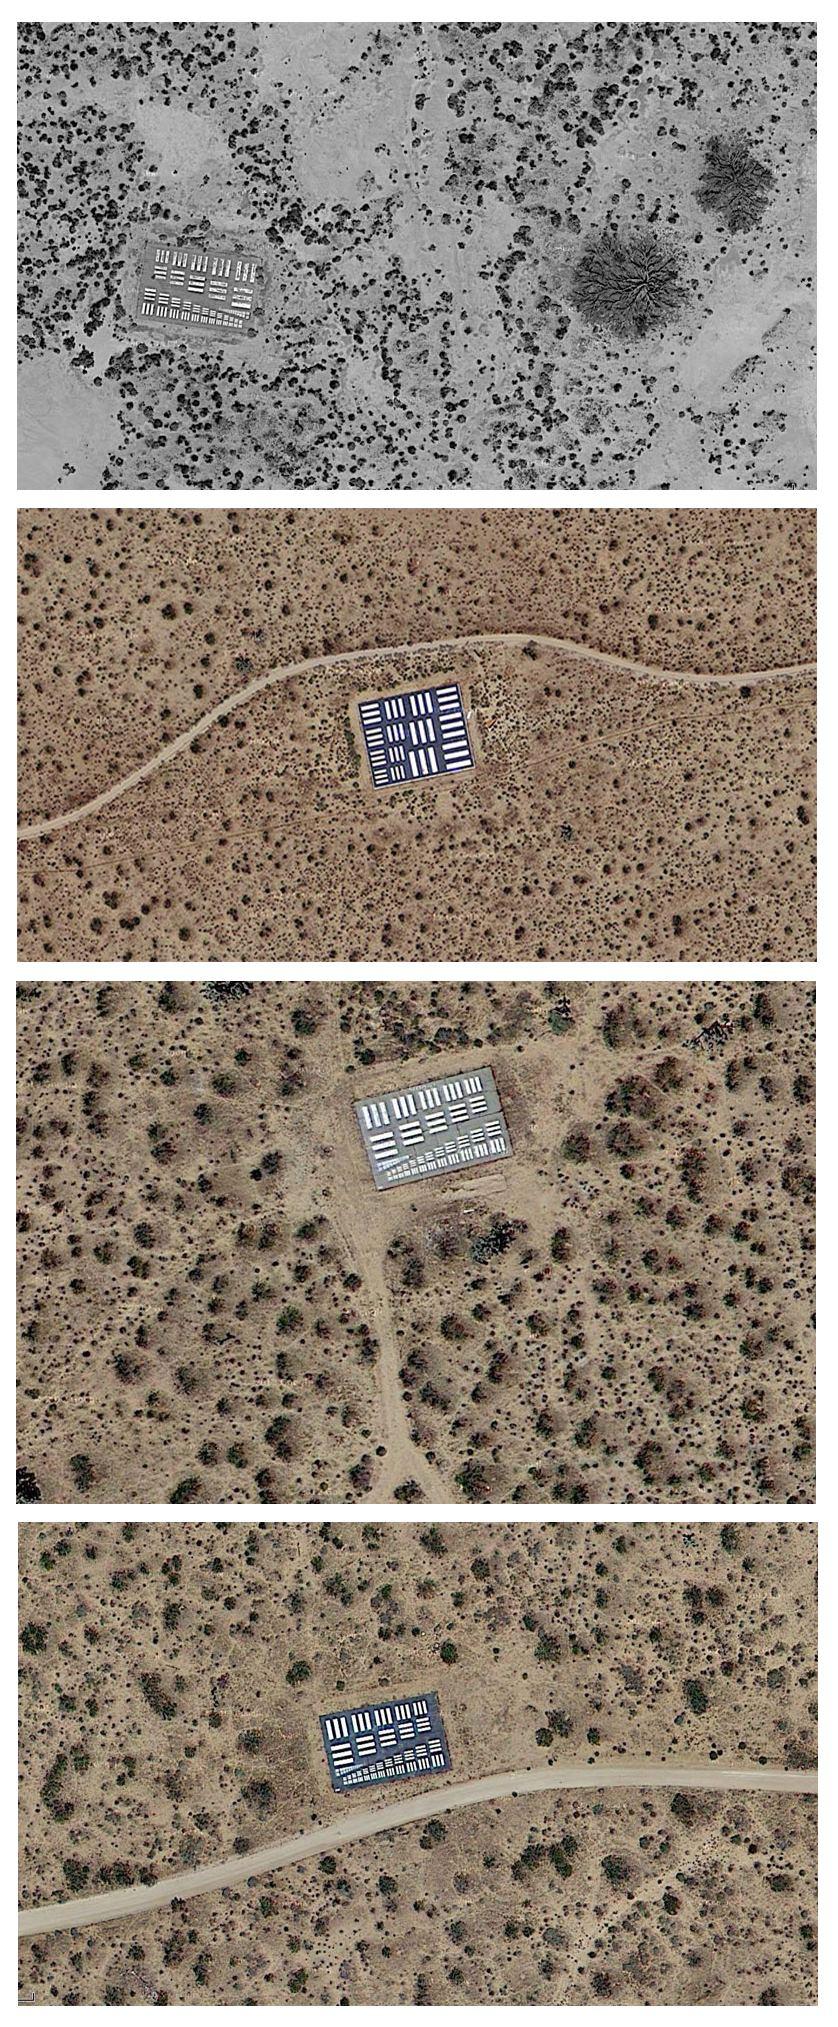 объекты для калибровки камер спутников и самолетов